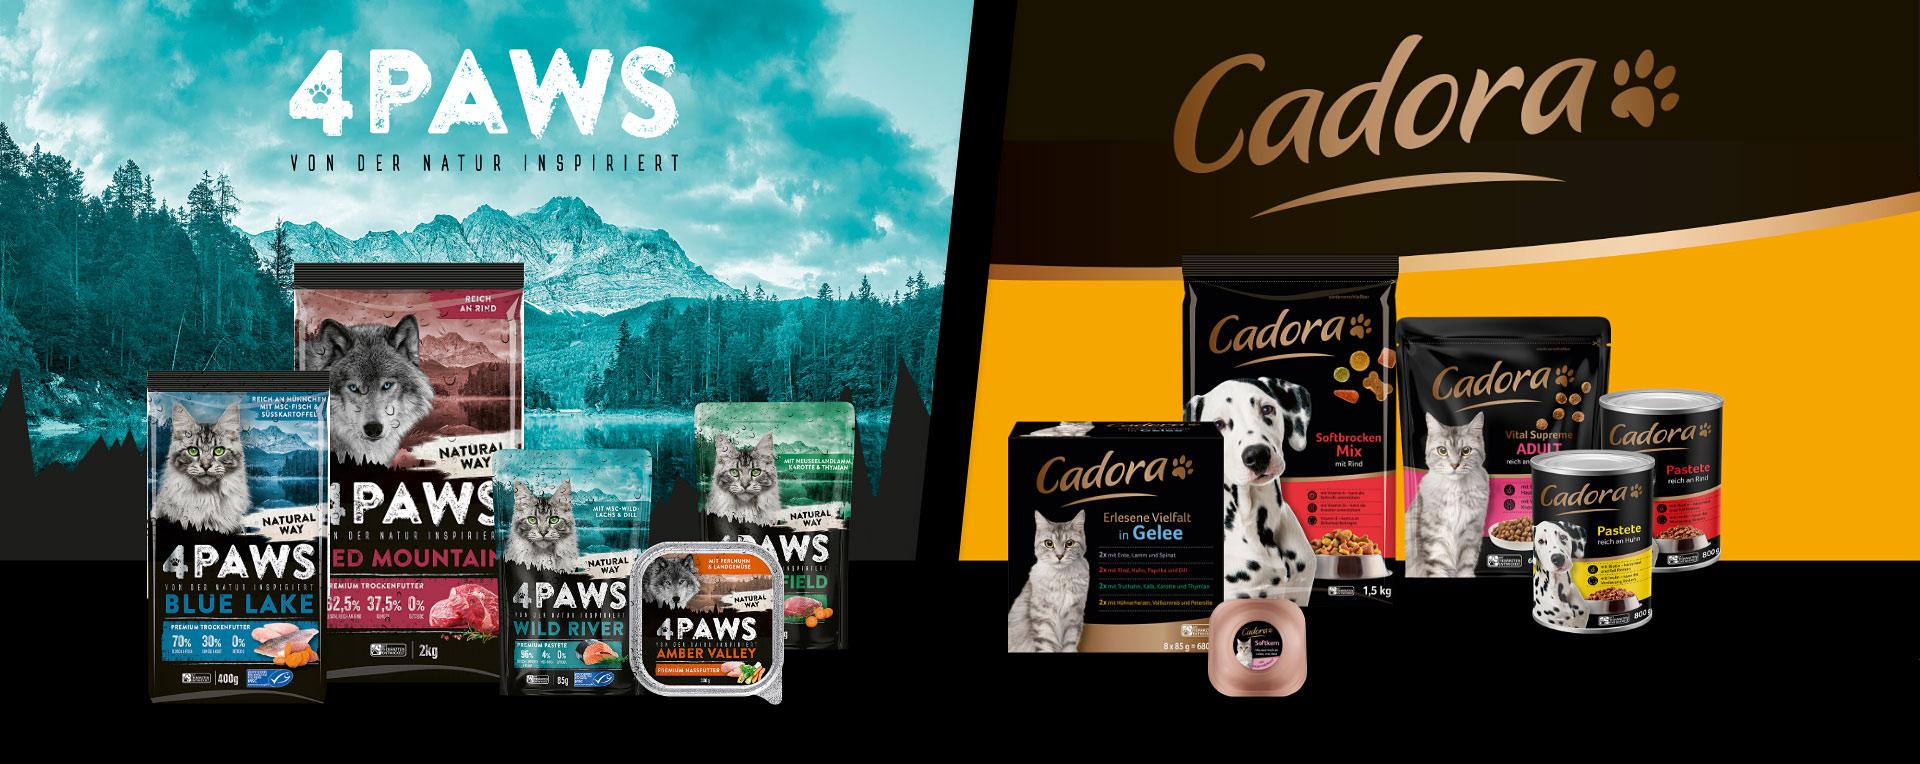 GZG-Tierfutter Edeka 4PAWS- & Cadora-Produkte mehre Produkte bis max. 4,70€